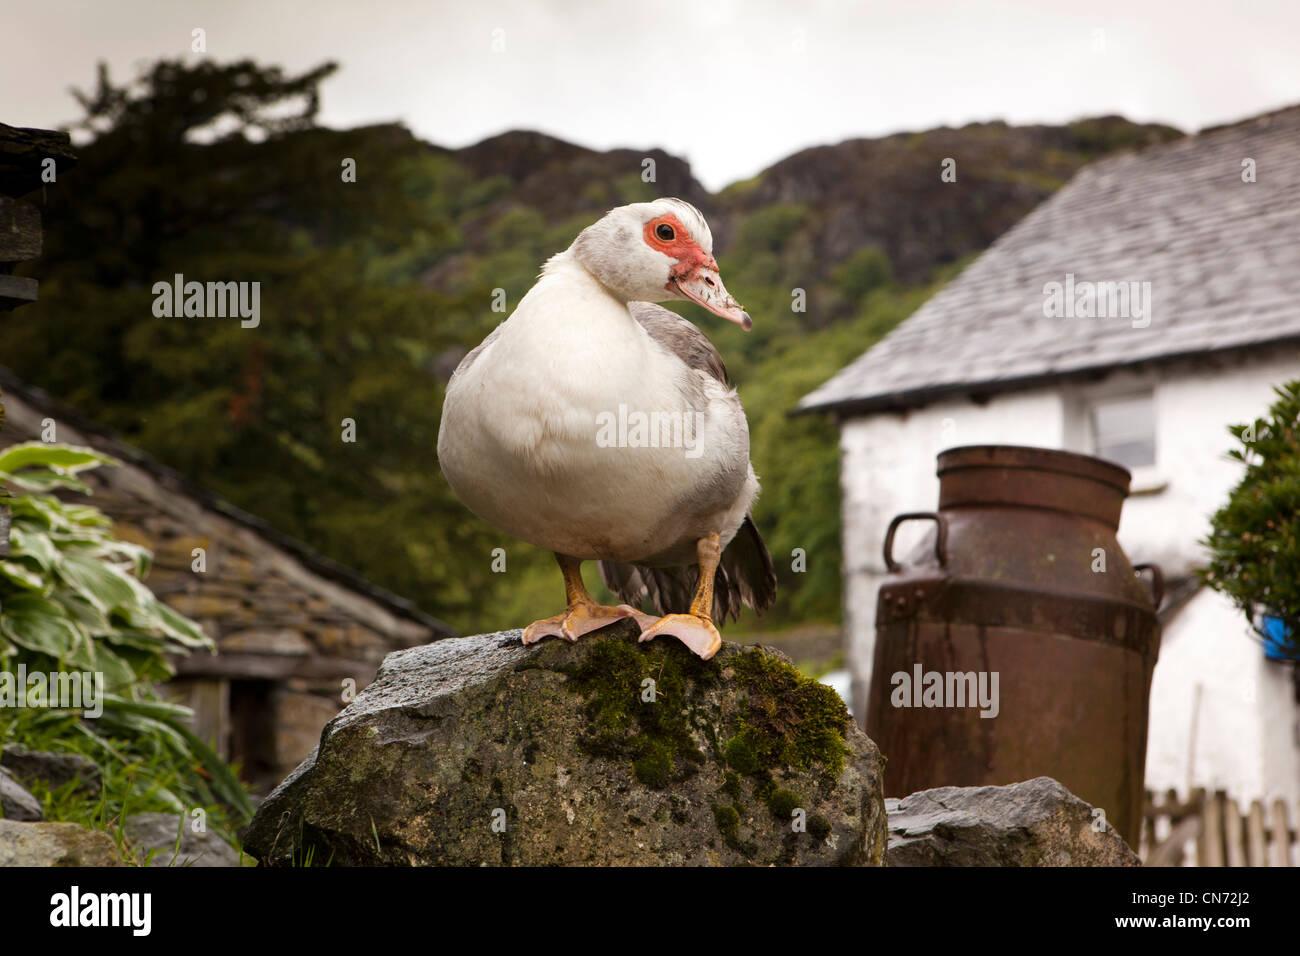 UK, Cumbria, Coniston, Yew Tree Farm, free range duck on wall in farmyard - Stock Image